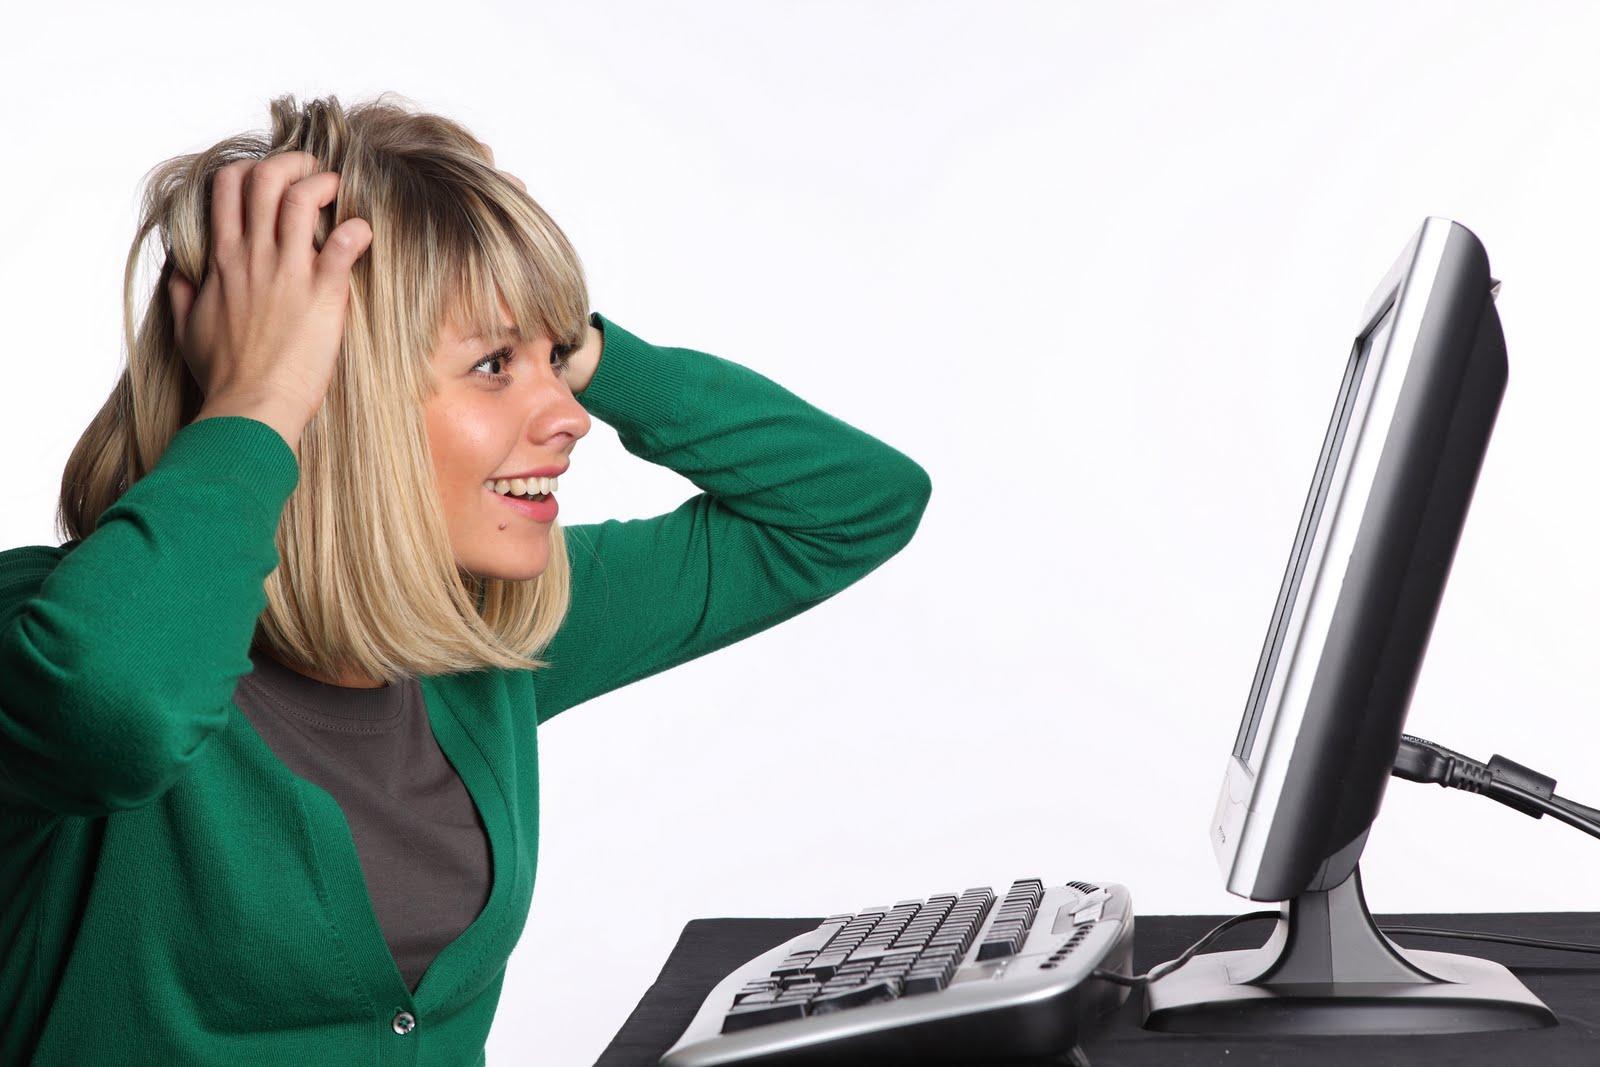 Как общаться на сайте знакомств безопасно